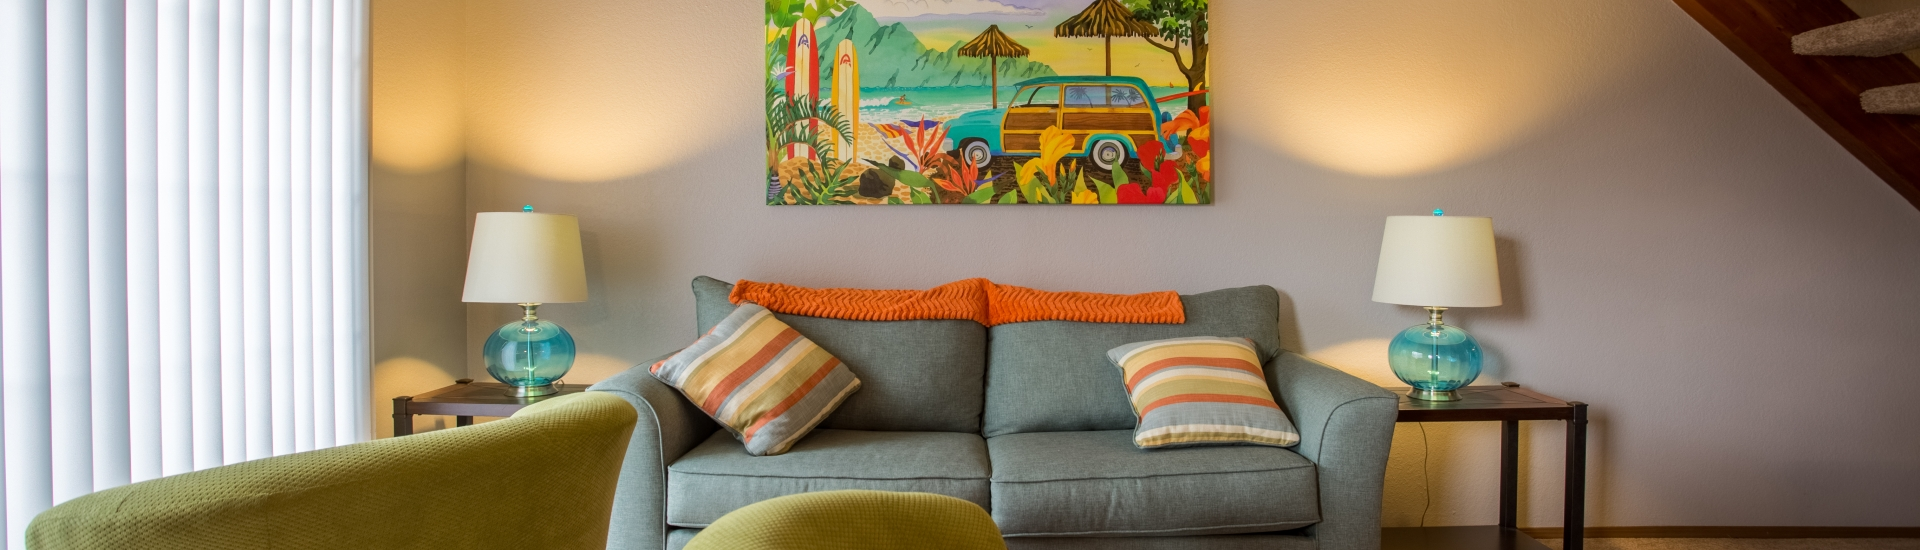 2 bedroom condos in branson branson travel office for Branson condo rentals 3 bedroom